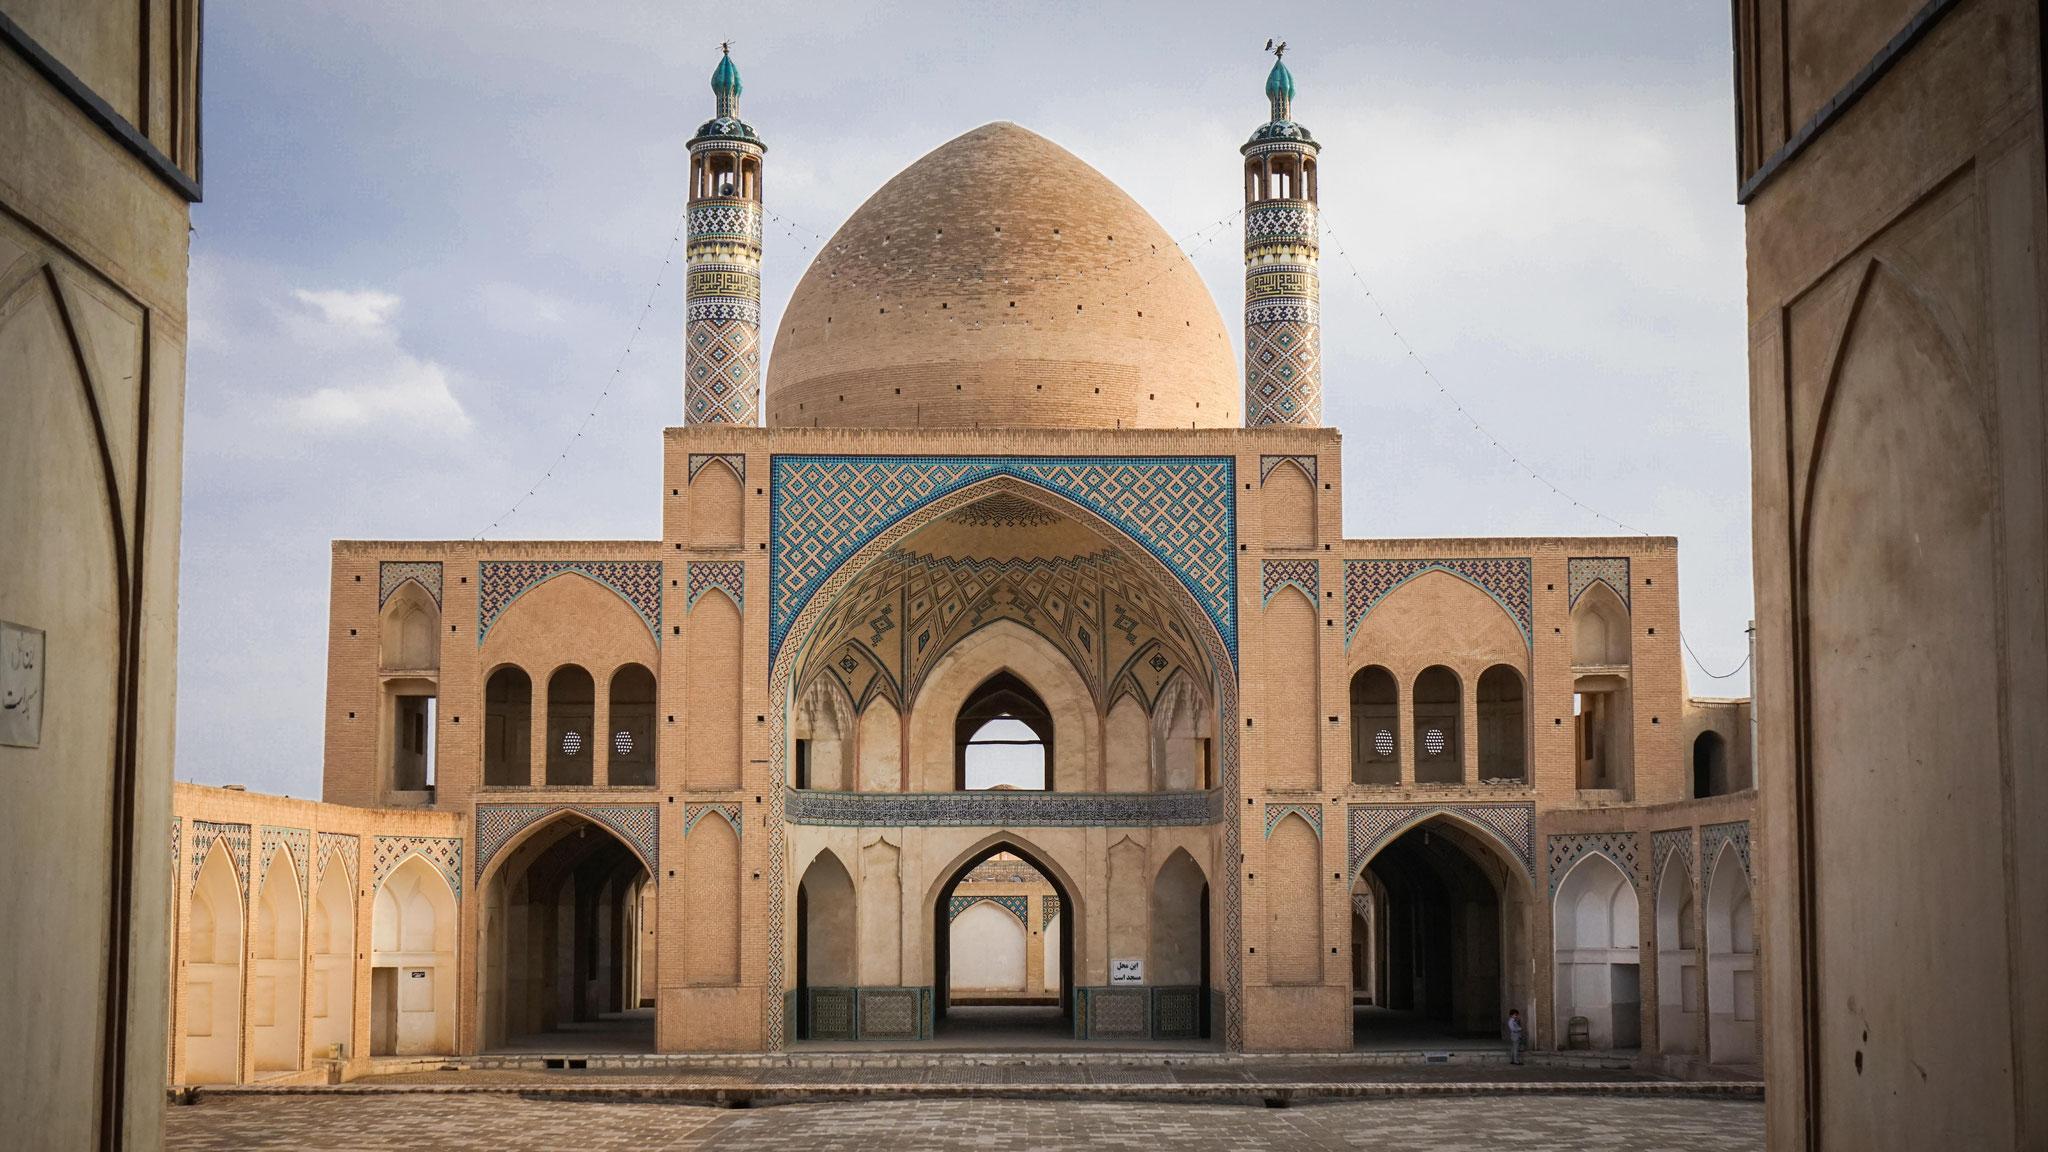 Agha Bozorg Moschee, Kashan, Iran